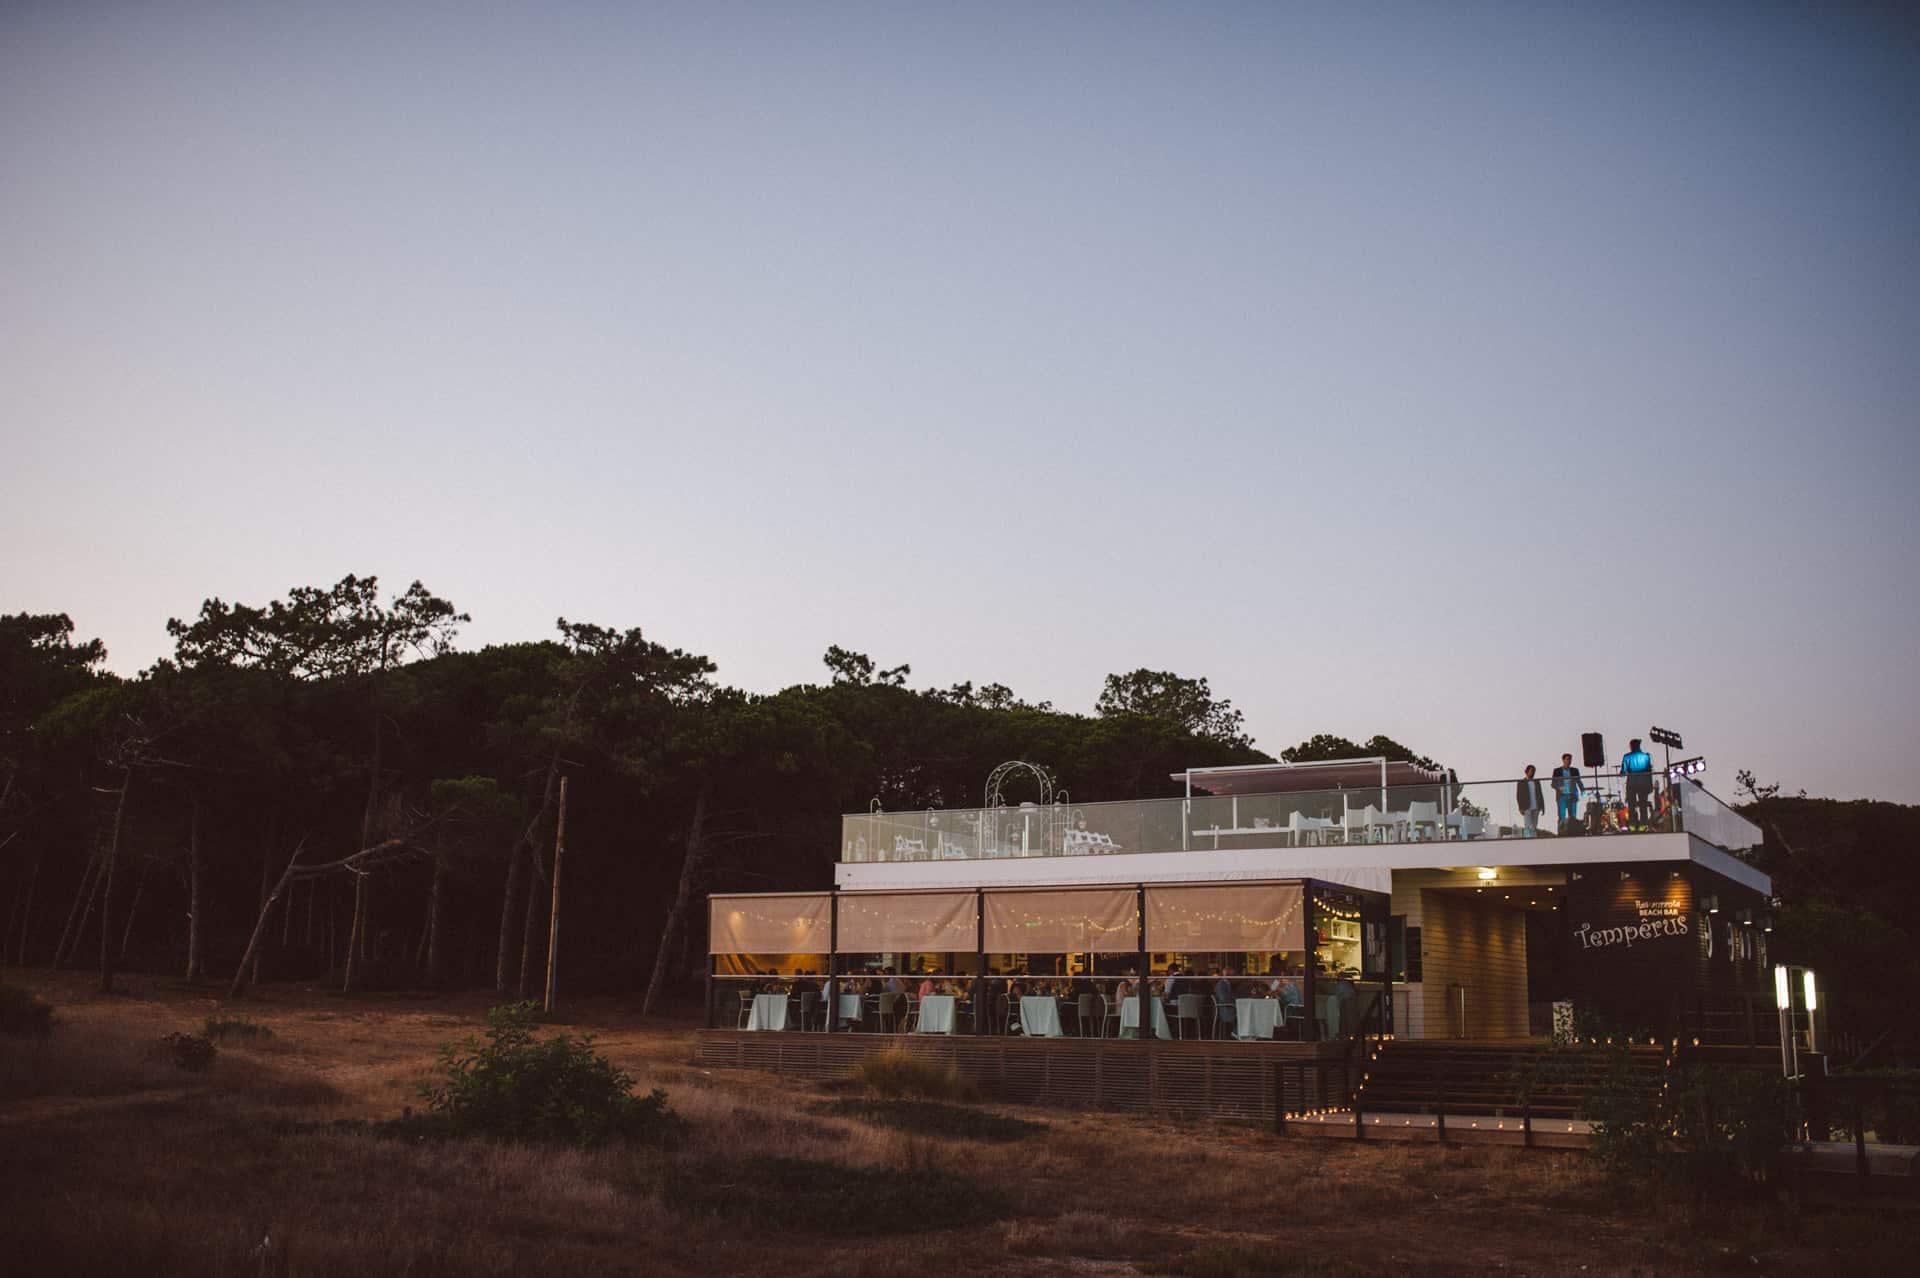 Temperus Algarve